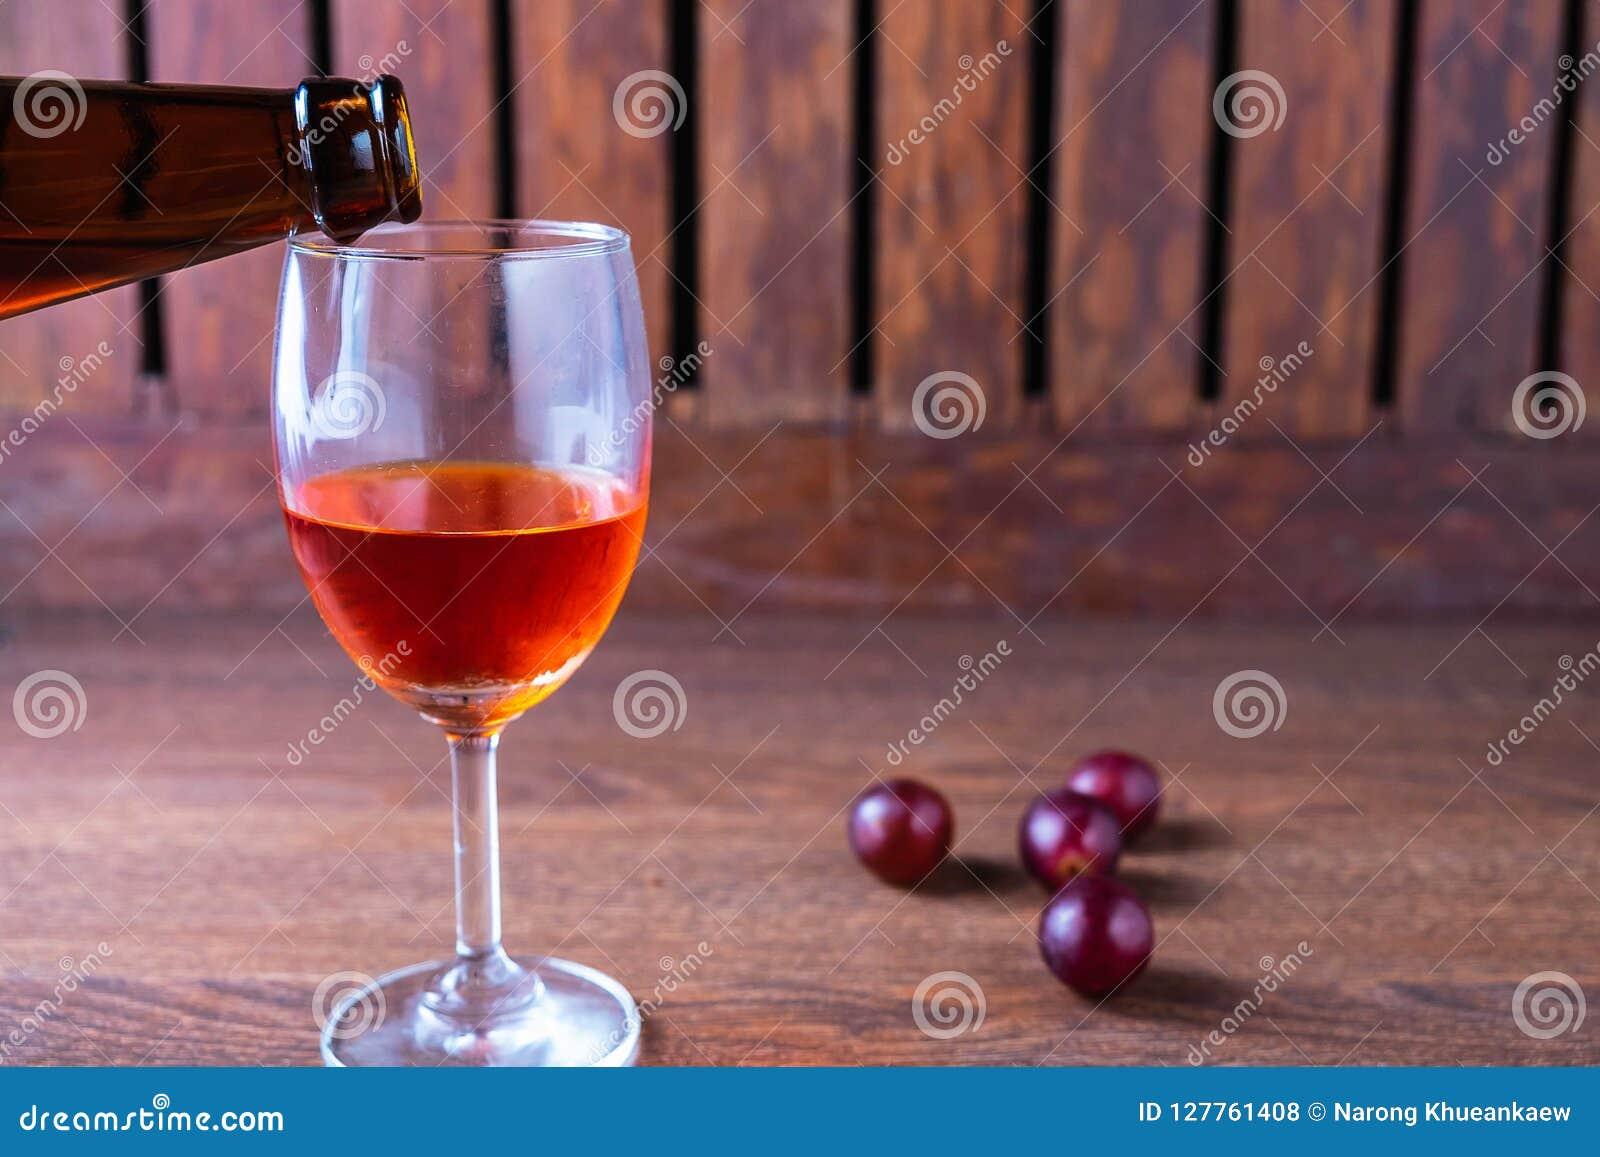 Derrame o vinho tinto em um vidro do vinho em um fundo de madeira